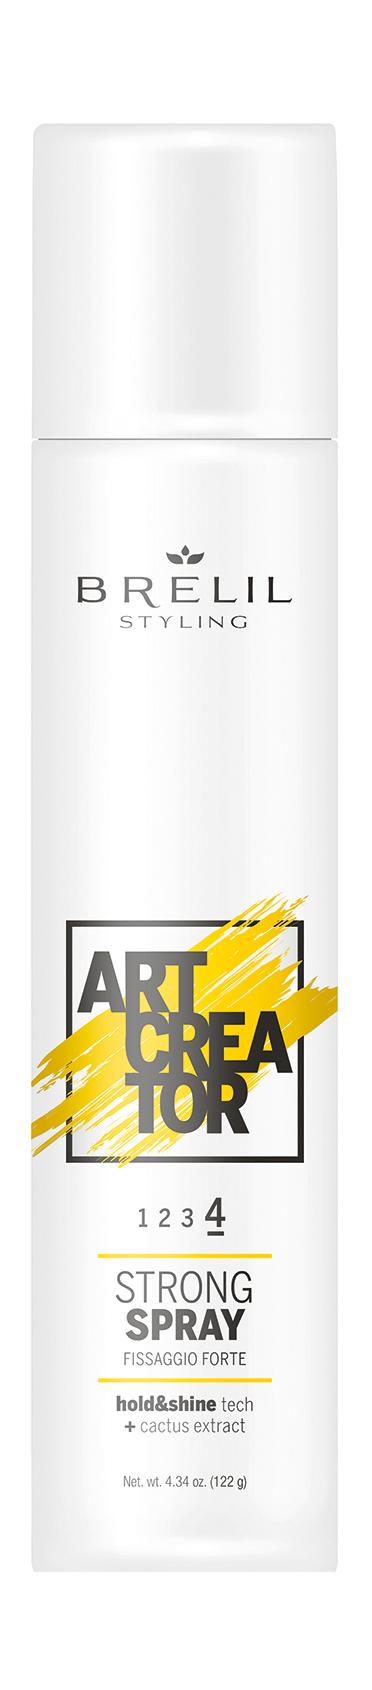 Купить Спрей для волос Brelil ART CREATOR эко-спрей сильной фиксации 300 мл, Brelil professional